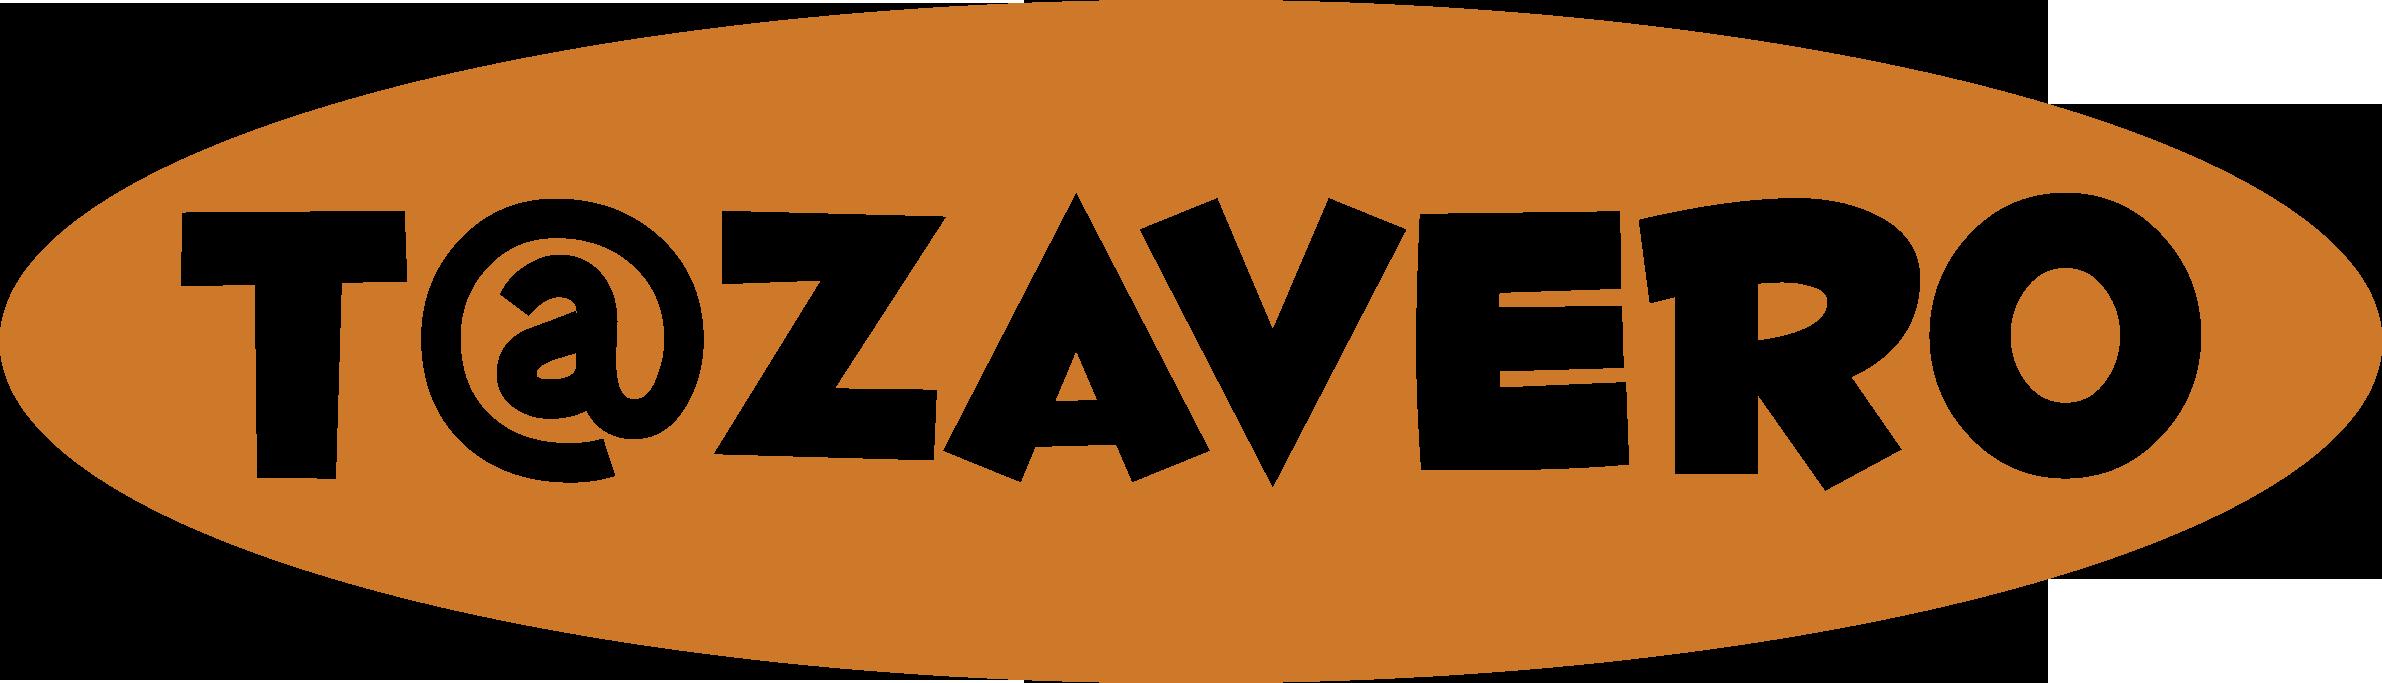 Logo du Tazavero